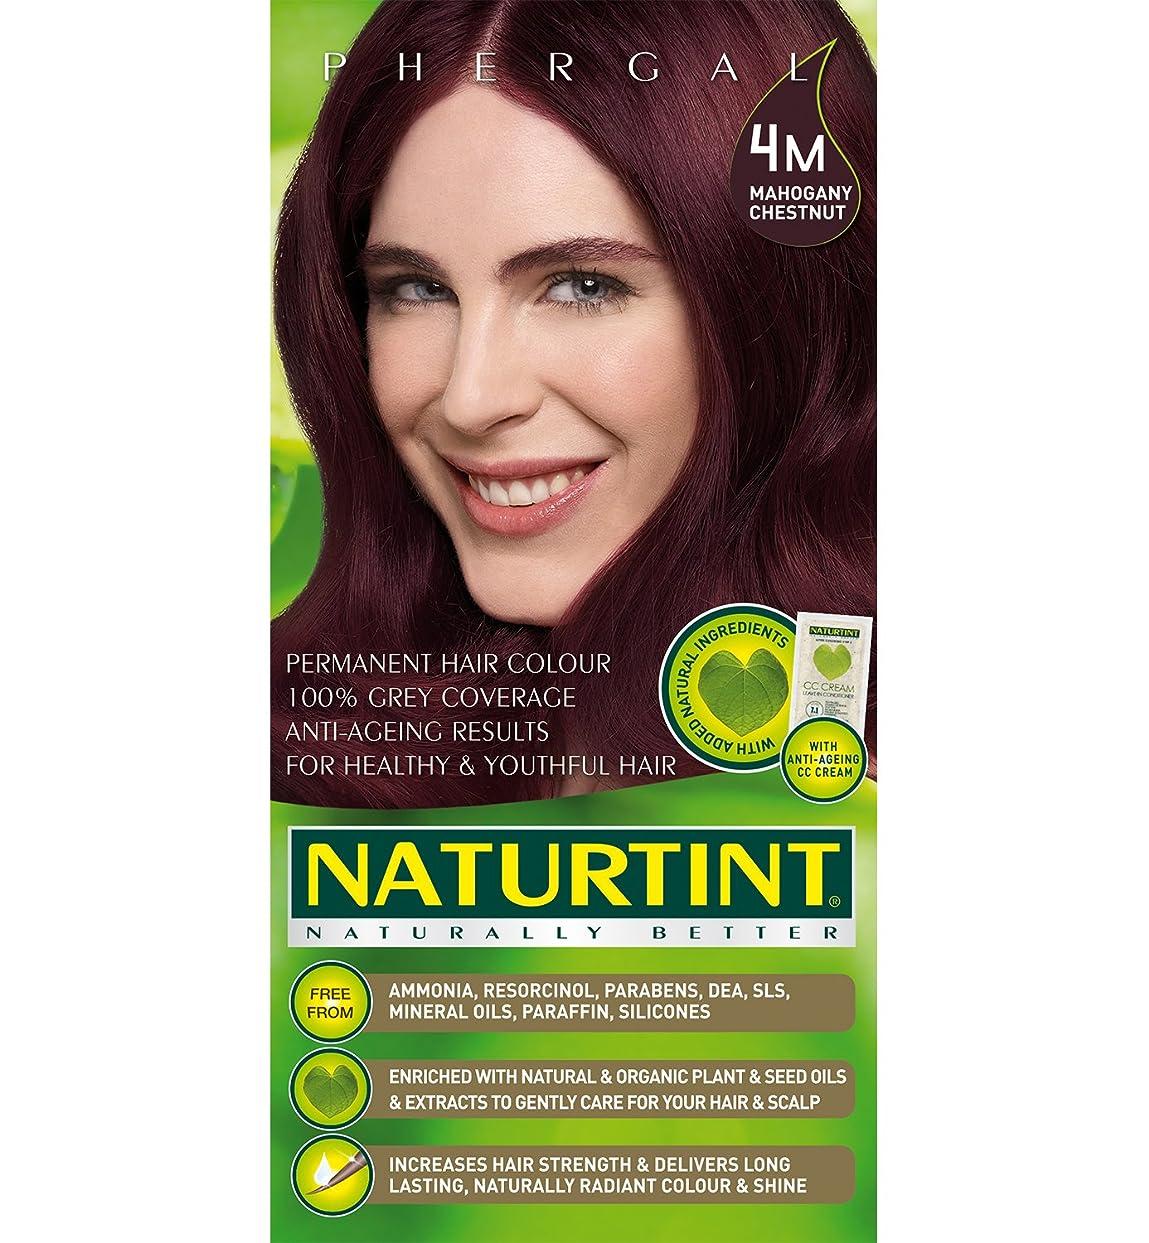 フェロー諸島匹敵しますシンクNaturtint Hair Color 4M Mahogany Chestnut Count (並行輸入品)